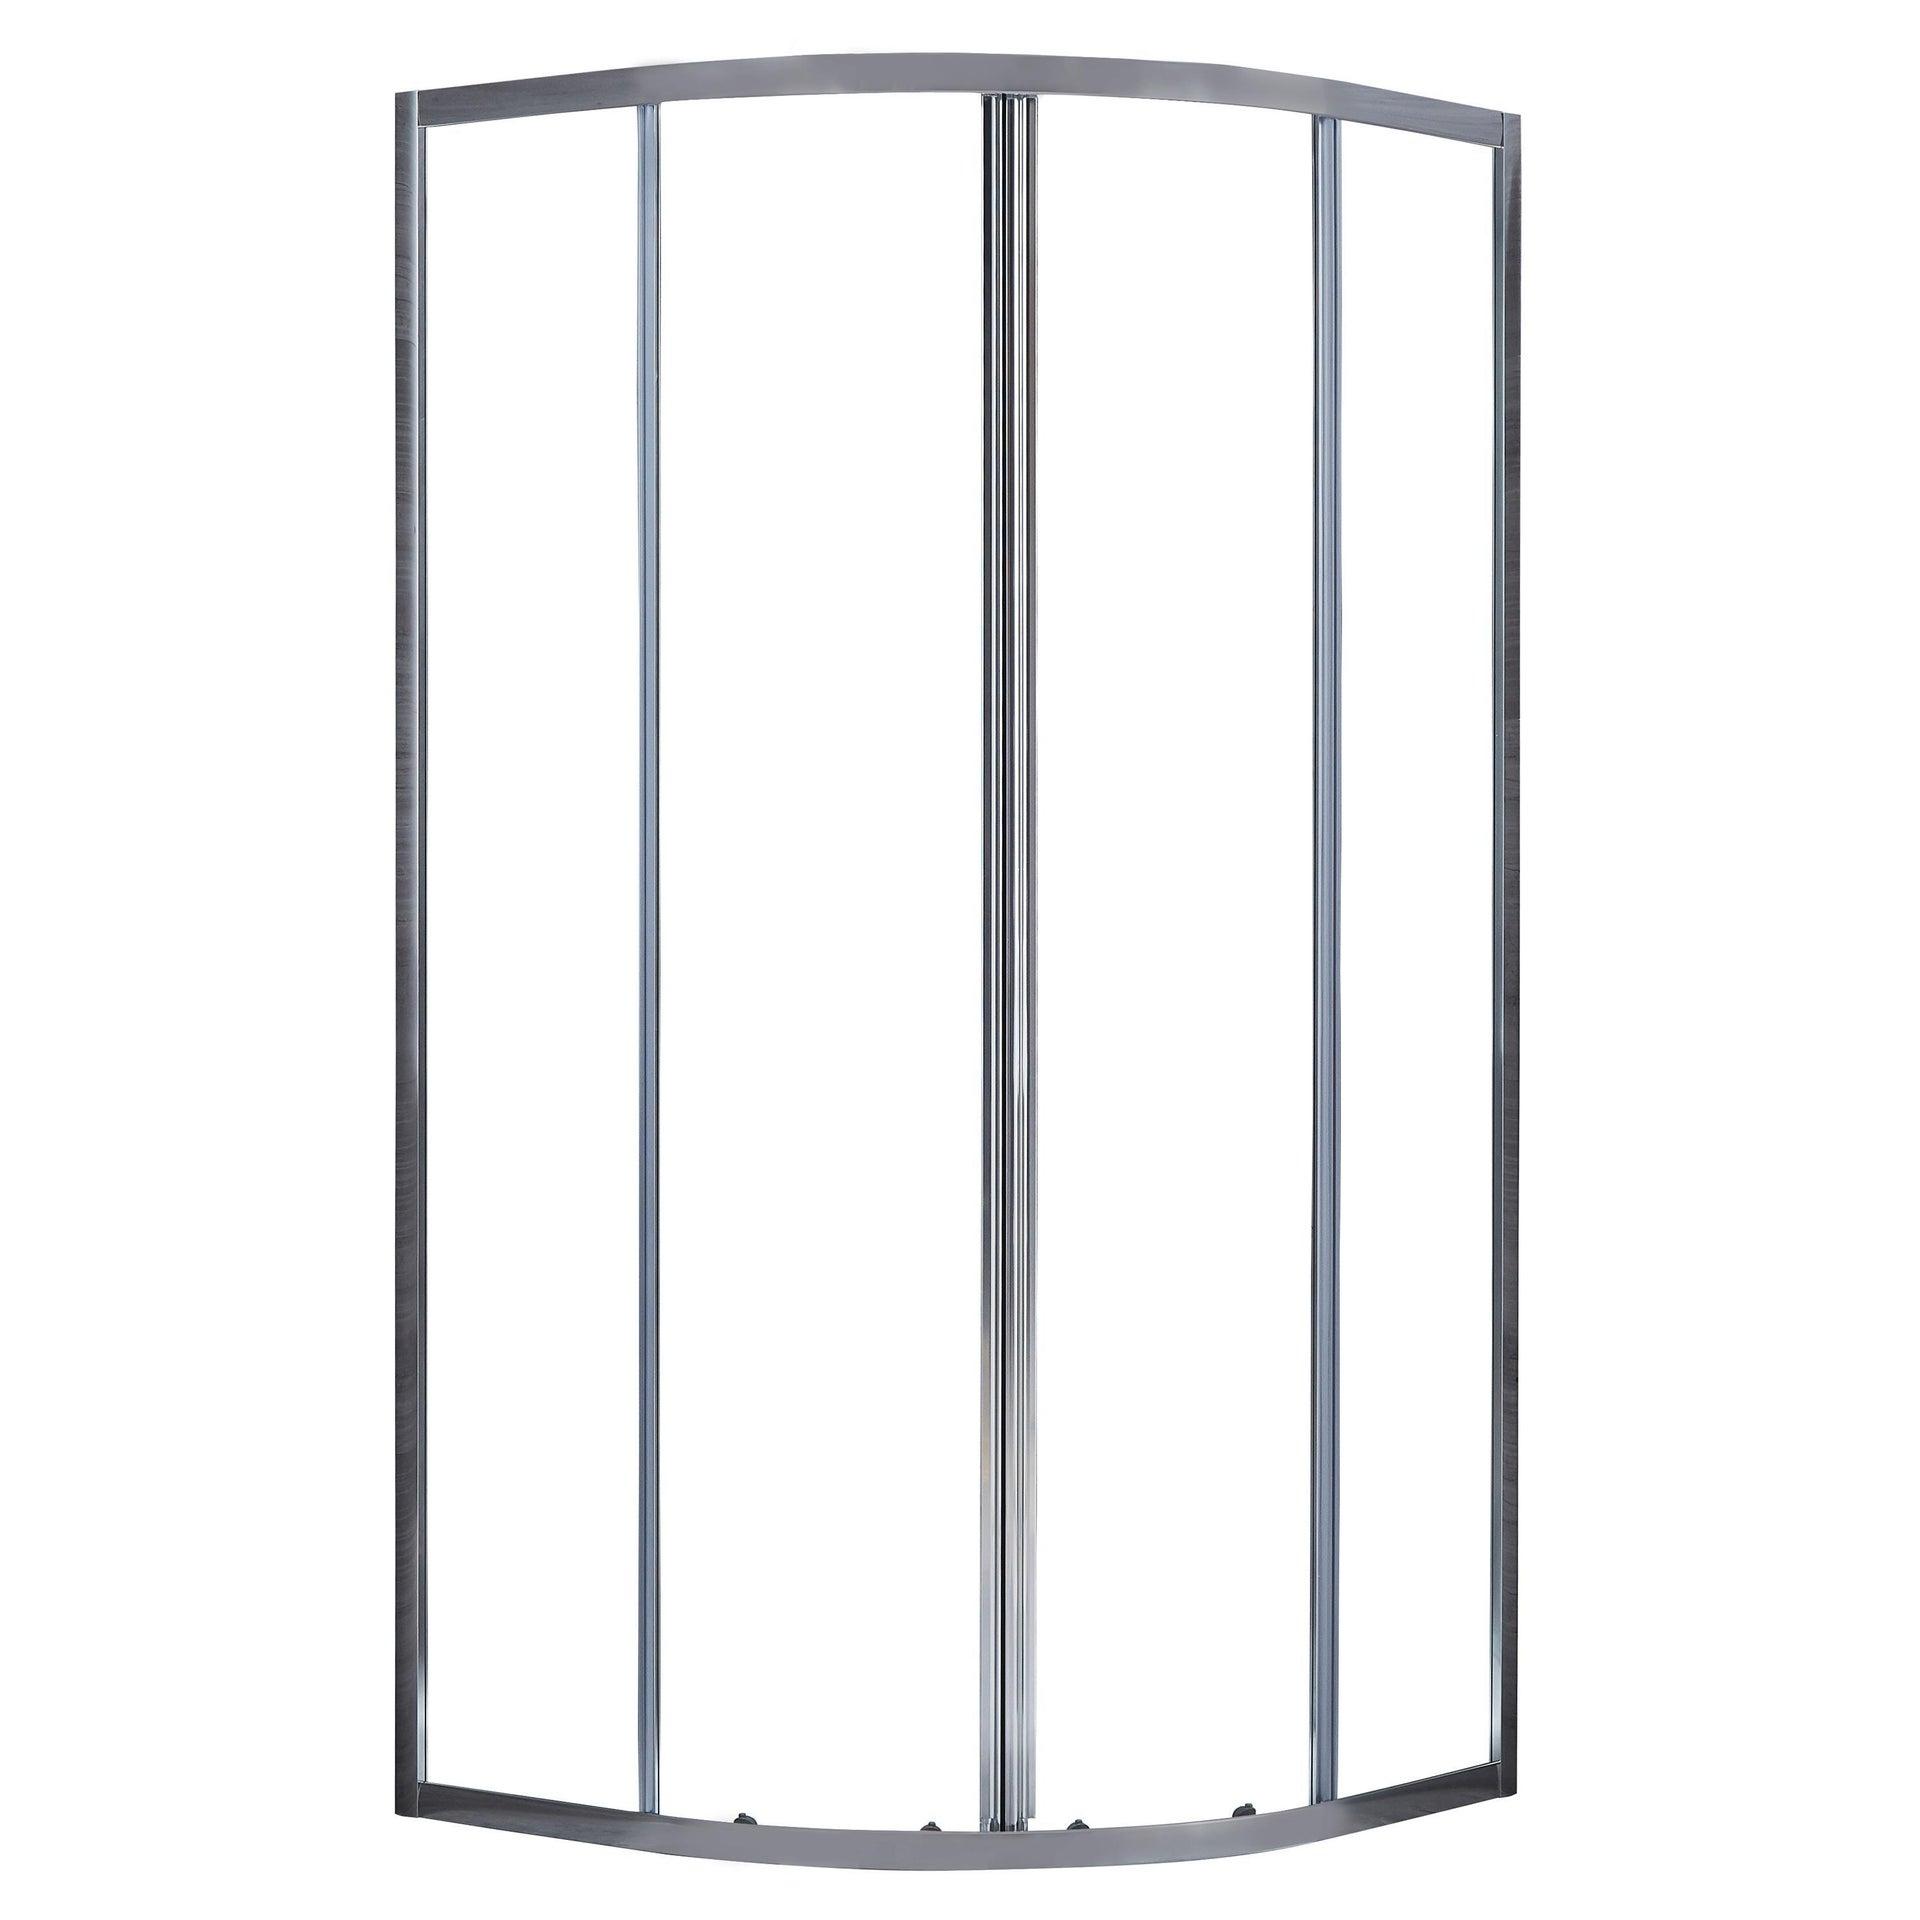 Box doccia semicircolare scorrevole Essential 80 x 80 cm, H 185 cm in vetro temprato, spessore 4 mm trasparente cromato - 1